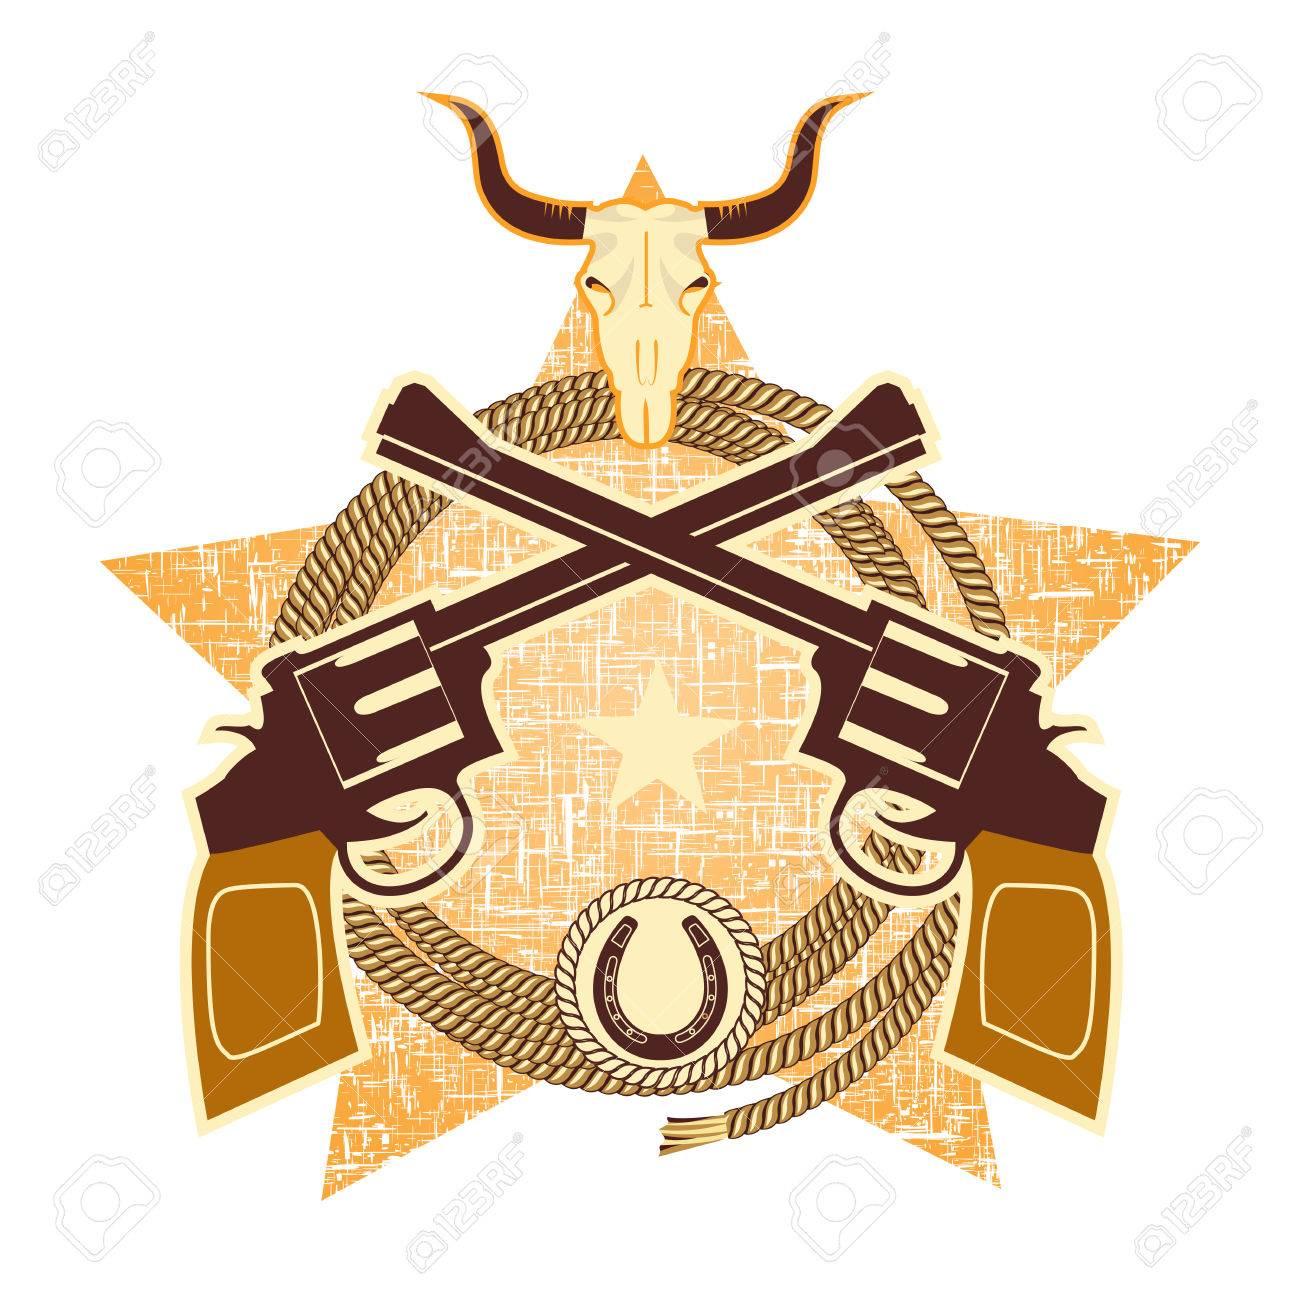 銃とカウボーイ要素と西洋のシンボルですベクトル イラストのイラスト